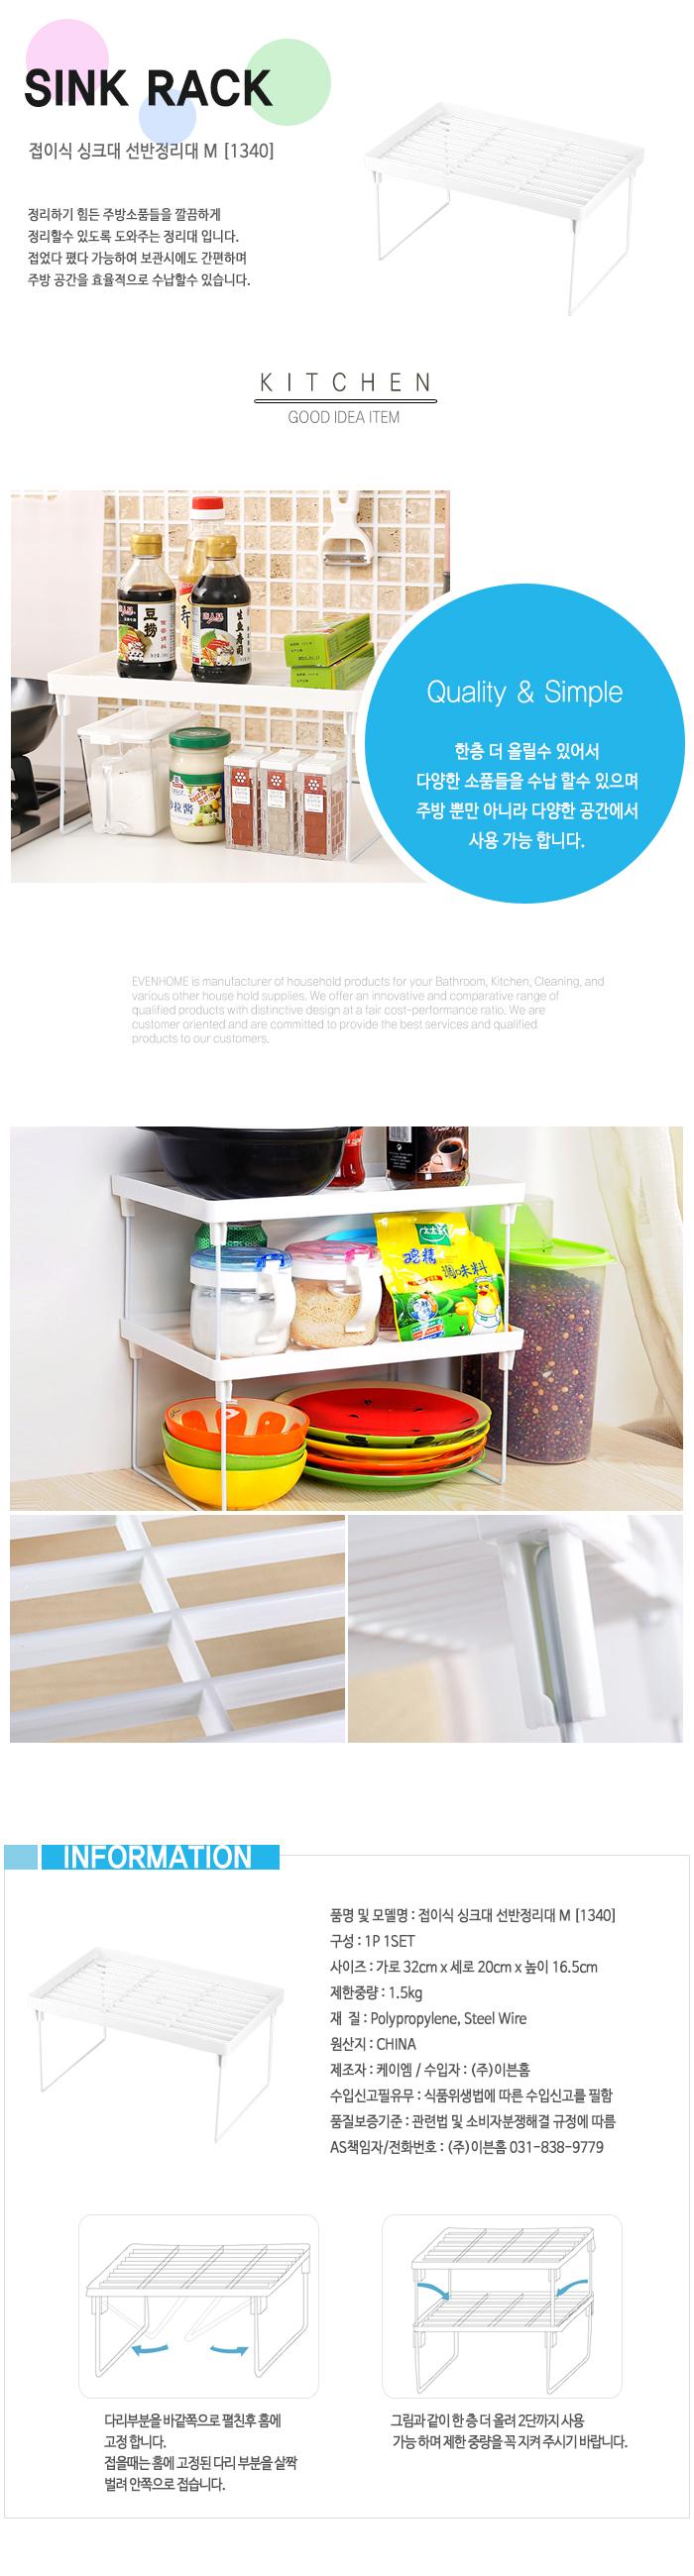 주방 소품들을 보관 할수 있는 선반정리대